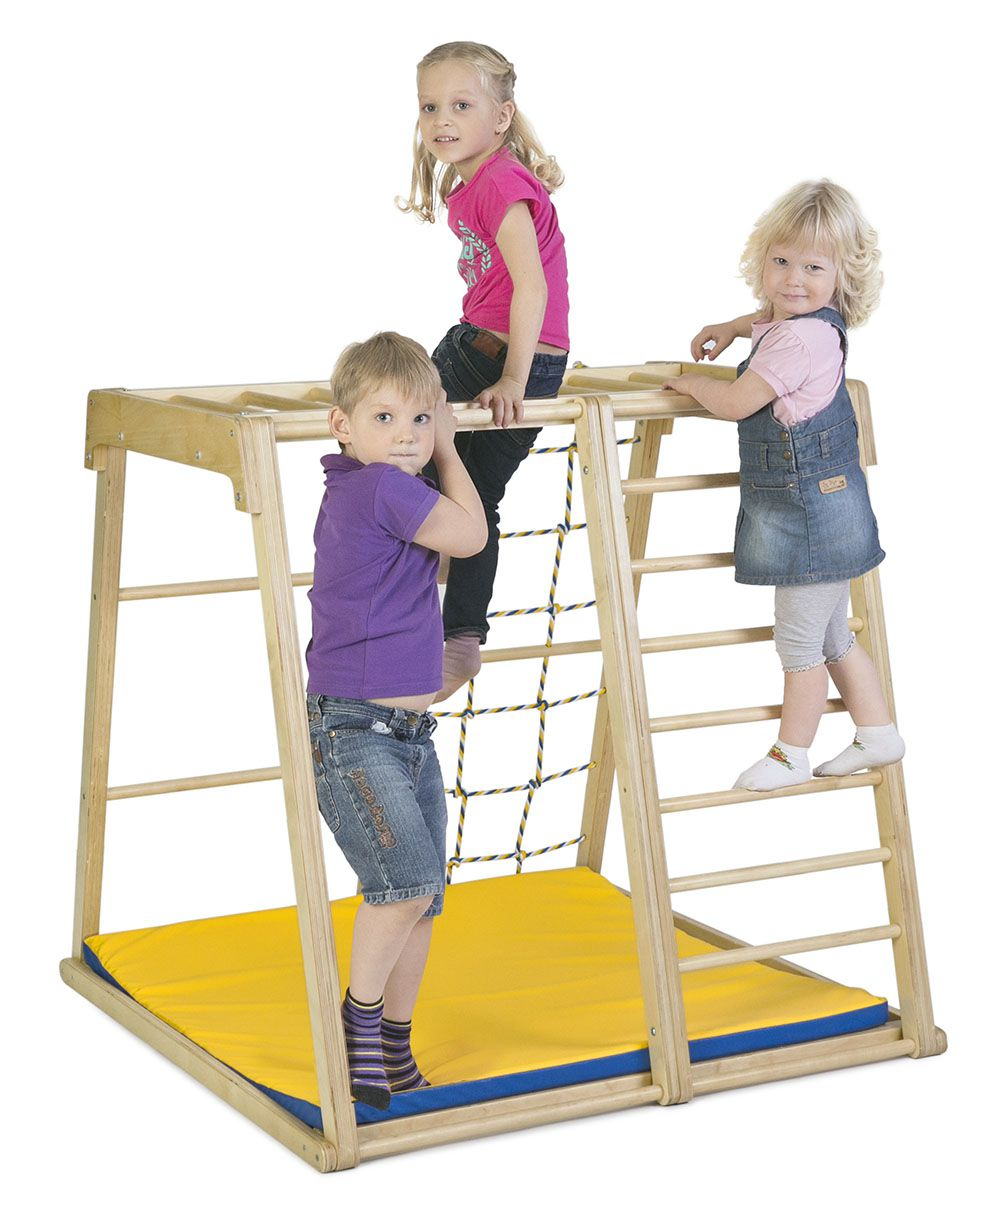 Современный детский спортивный комплекс Ранний старт